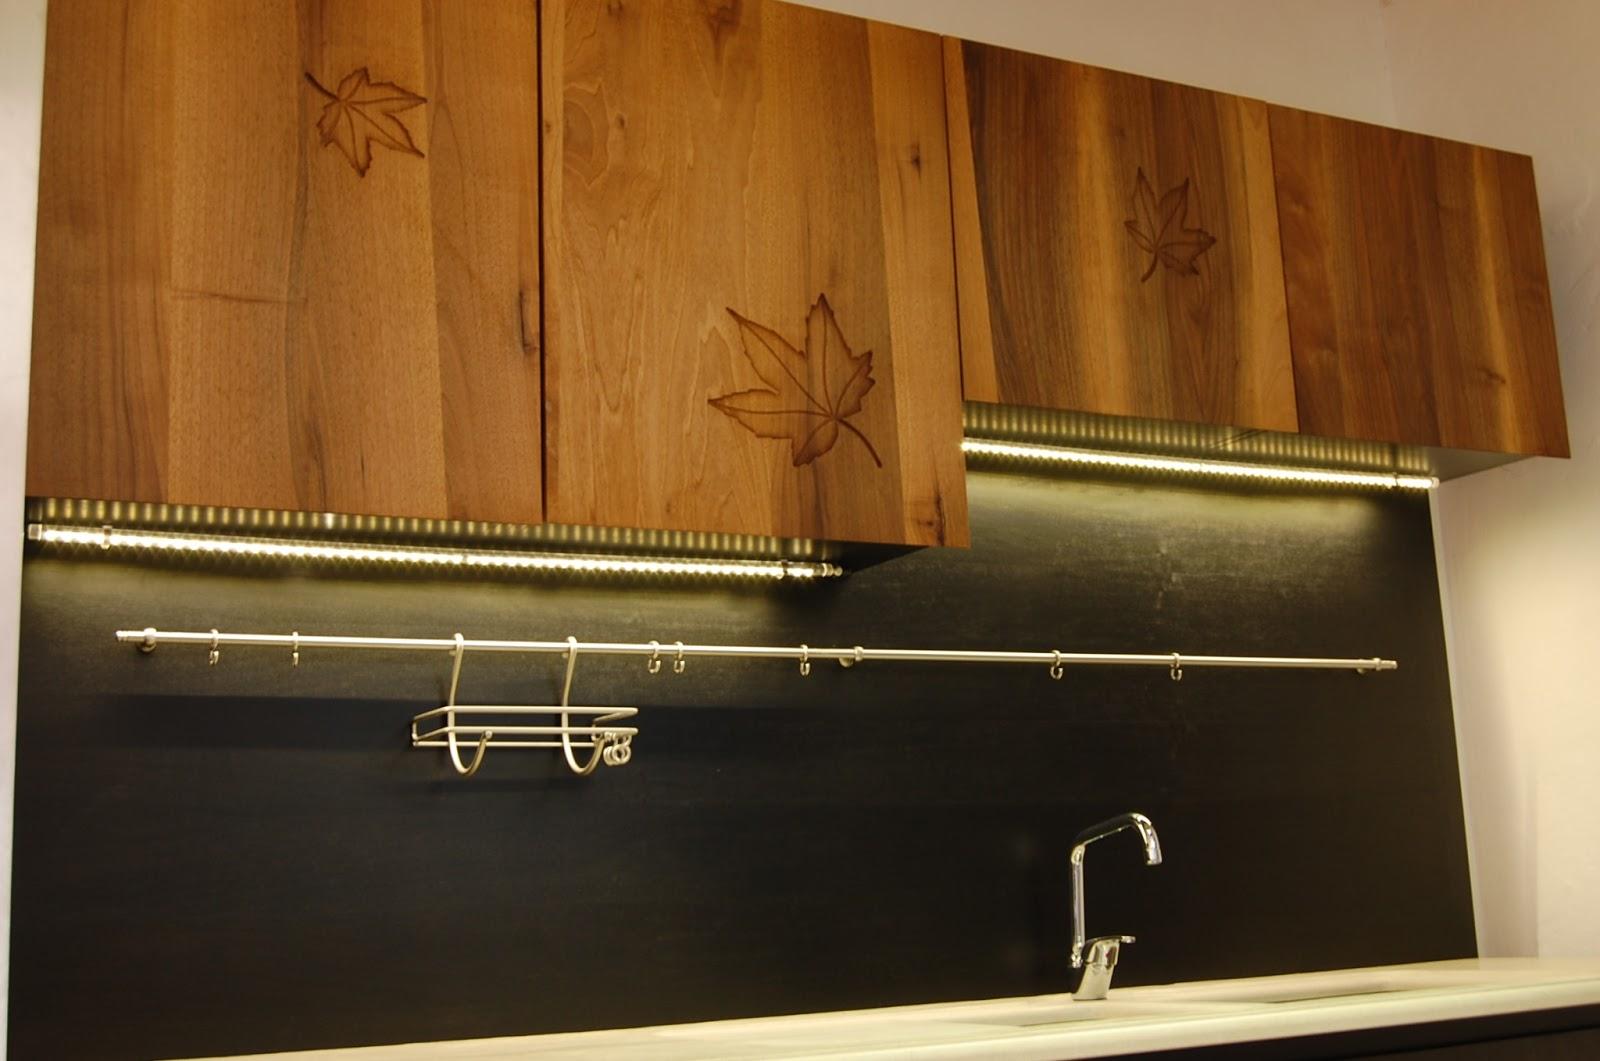 Illuminazione led casa saluzzo consorzio saluzzo arreda for Luci al led per casa